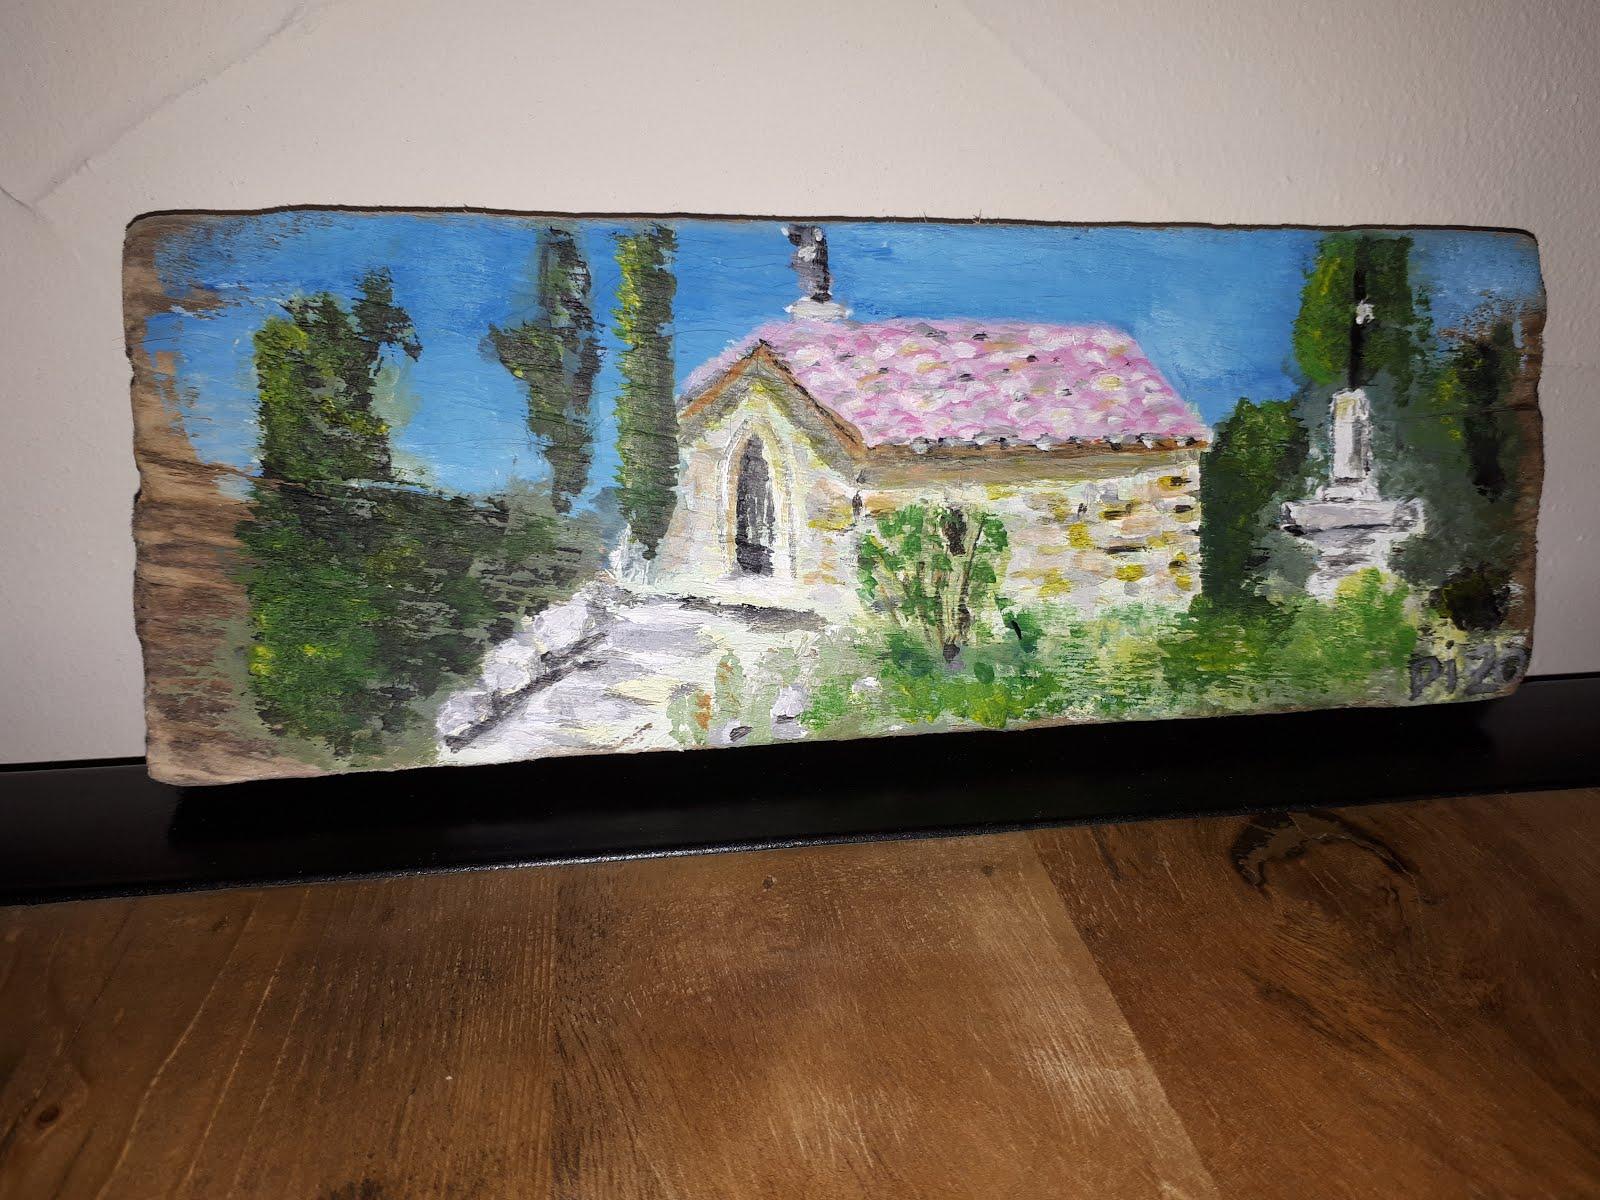 Peinture sur une planche bois flotté.